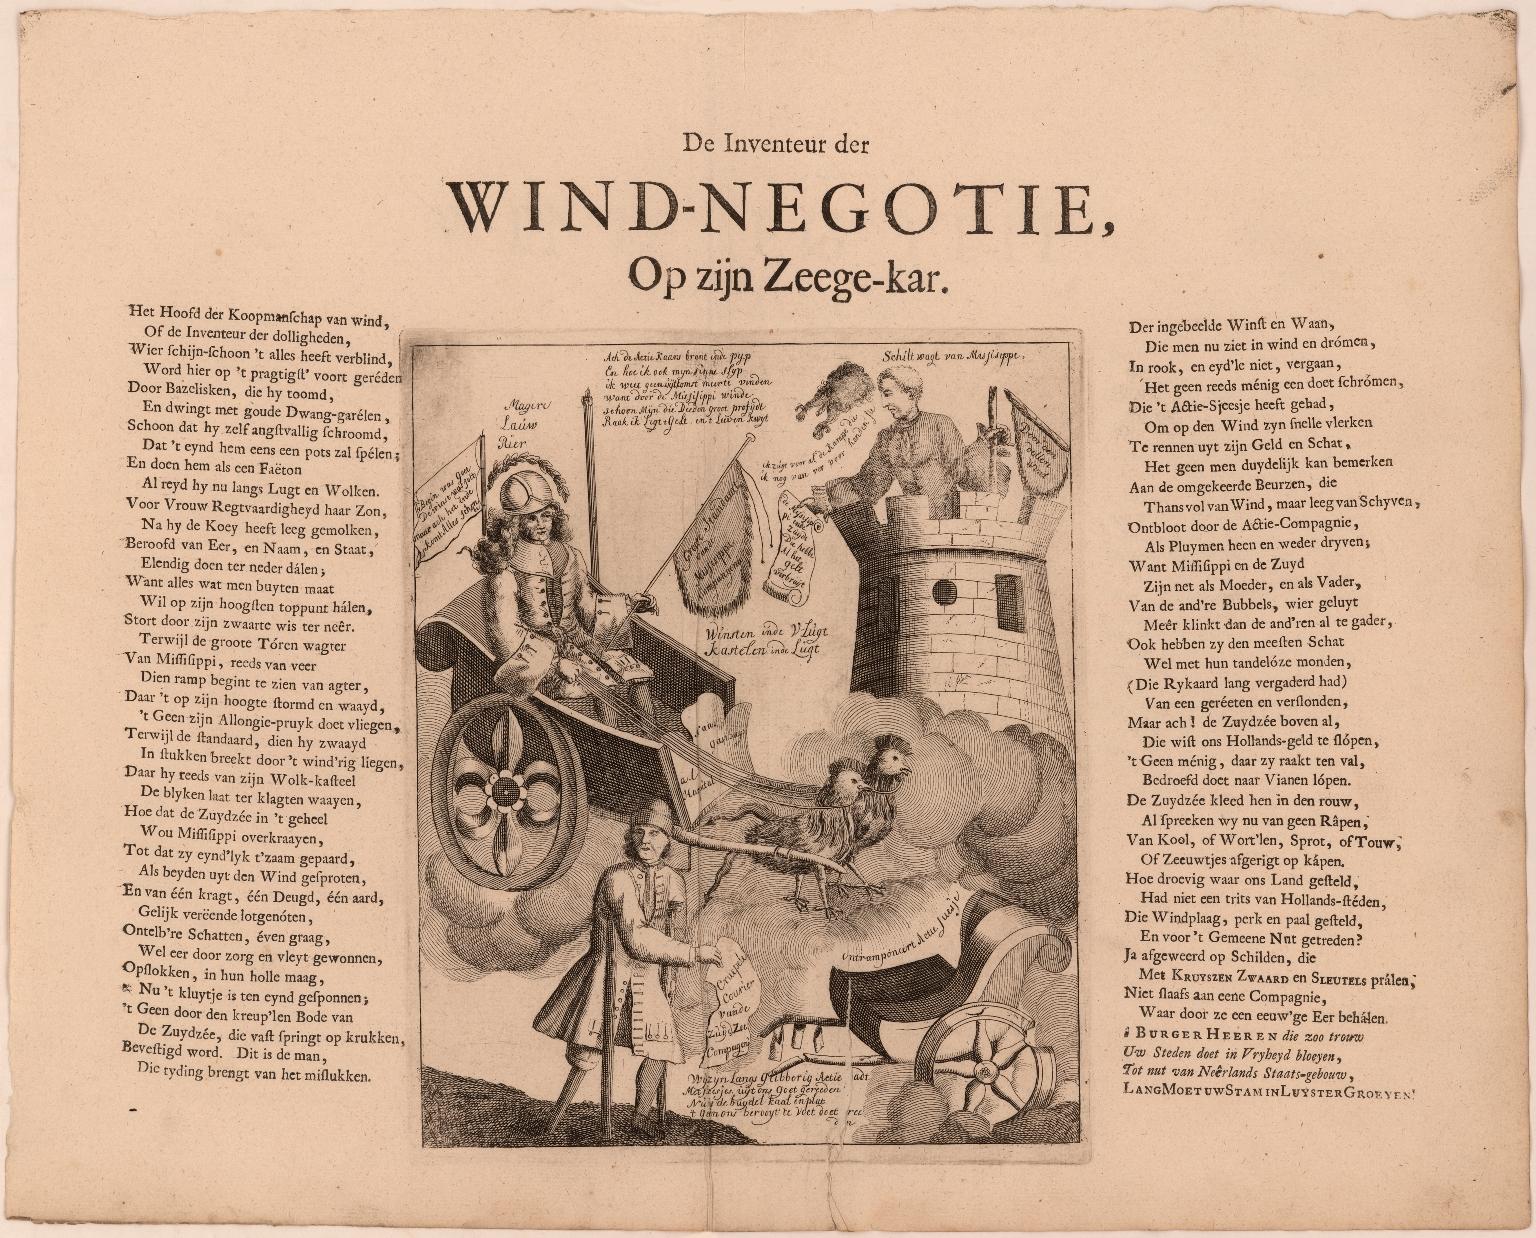 De inventeur der windnegotie, op zyn zegekar.